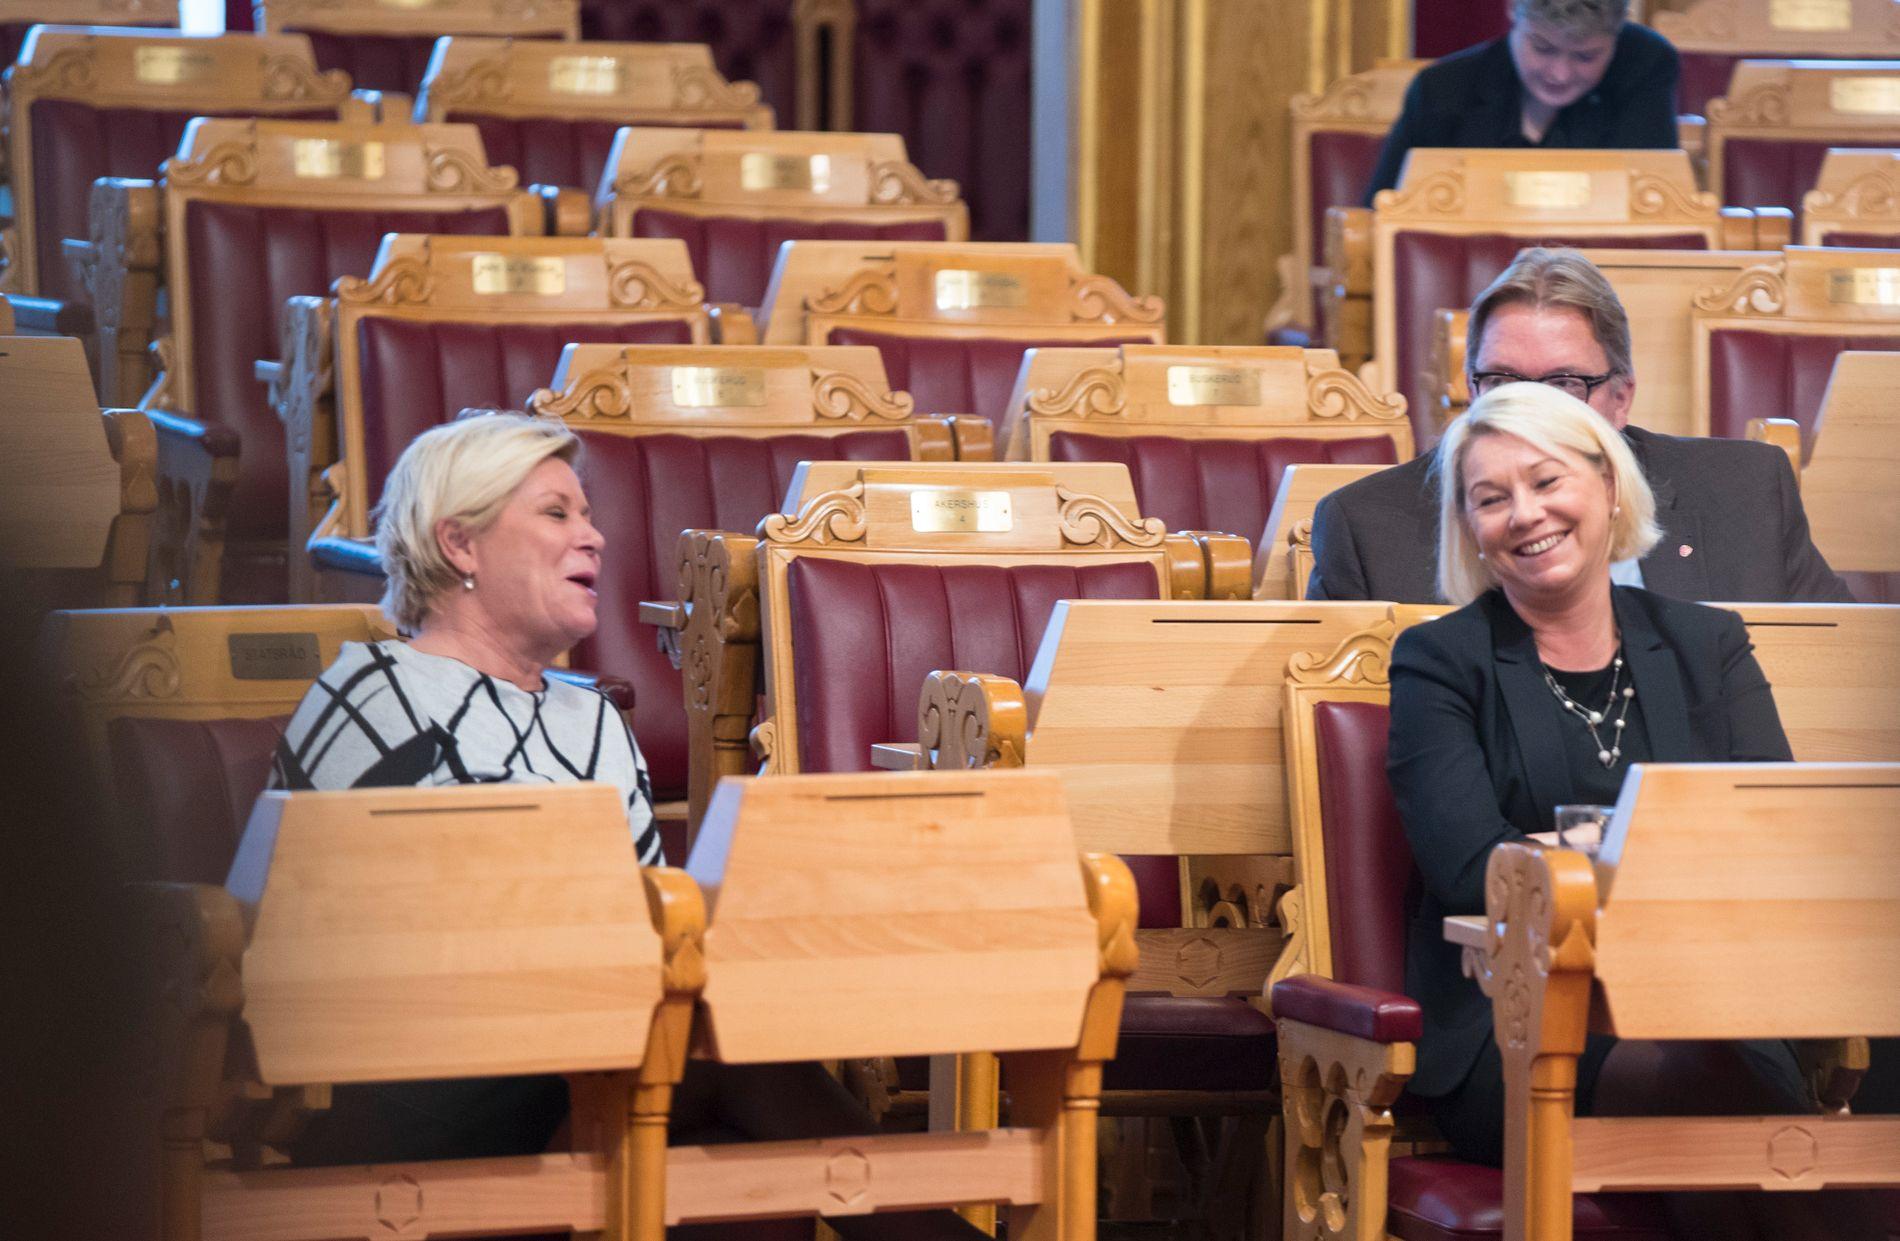 BOM STOPP: Finansminister Siv Jensen (Frp) og kommunal- og moderniseringsminister Monica Mæland (H) er to av dei som no har sin eigen bompengepolitikk i regjeringa. Her er dei i stortingssalen i oktober 2018.